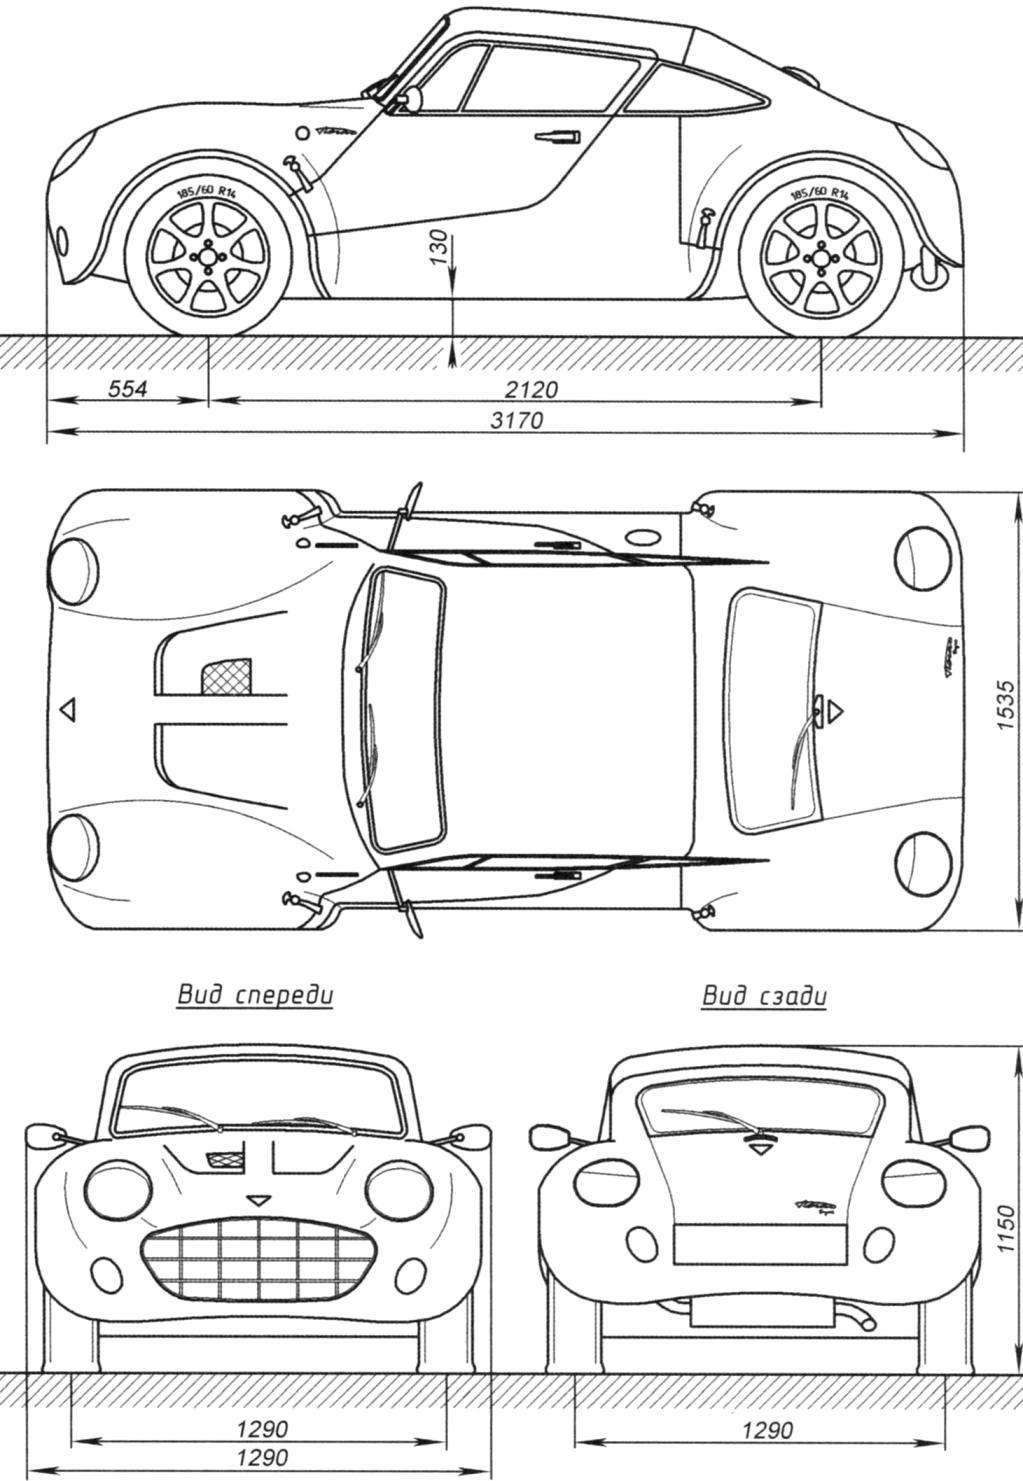 Автомобиль-купе «Пегас»: общий вид и основные геометрические размеры